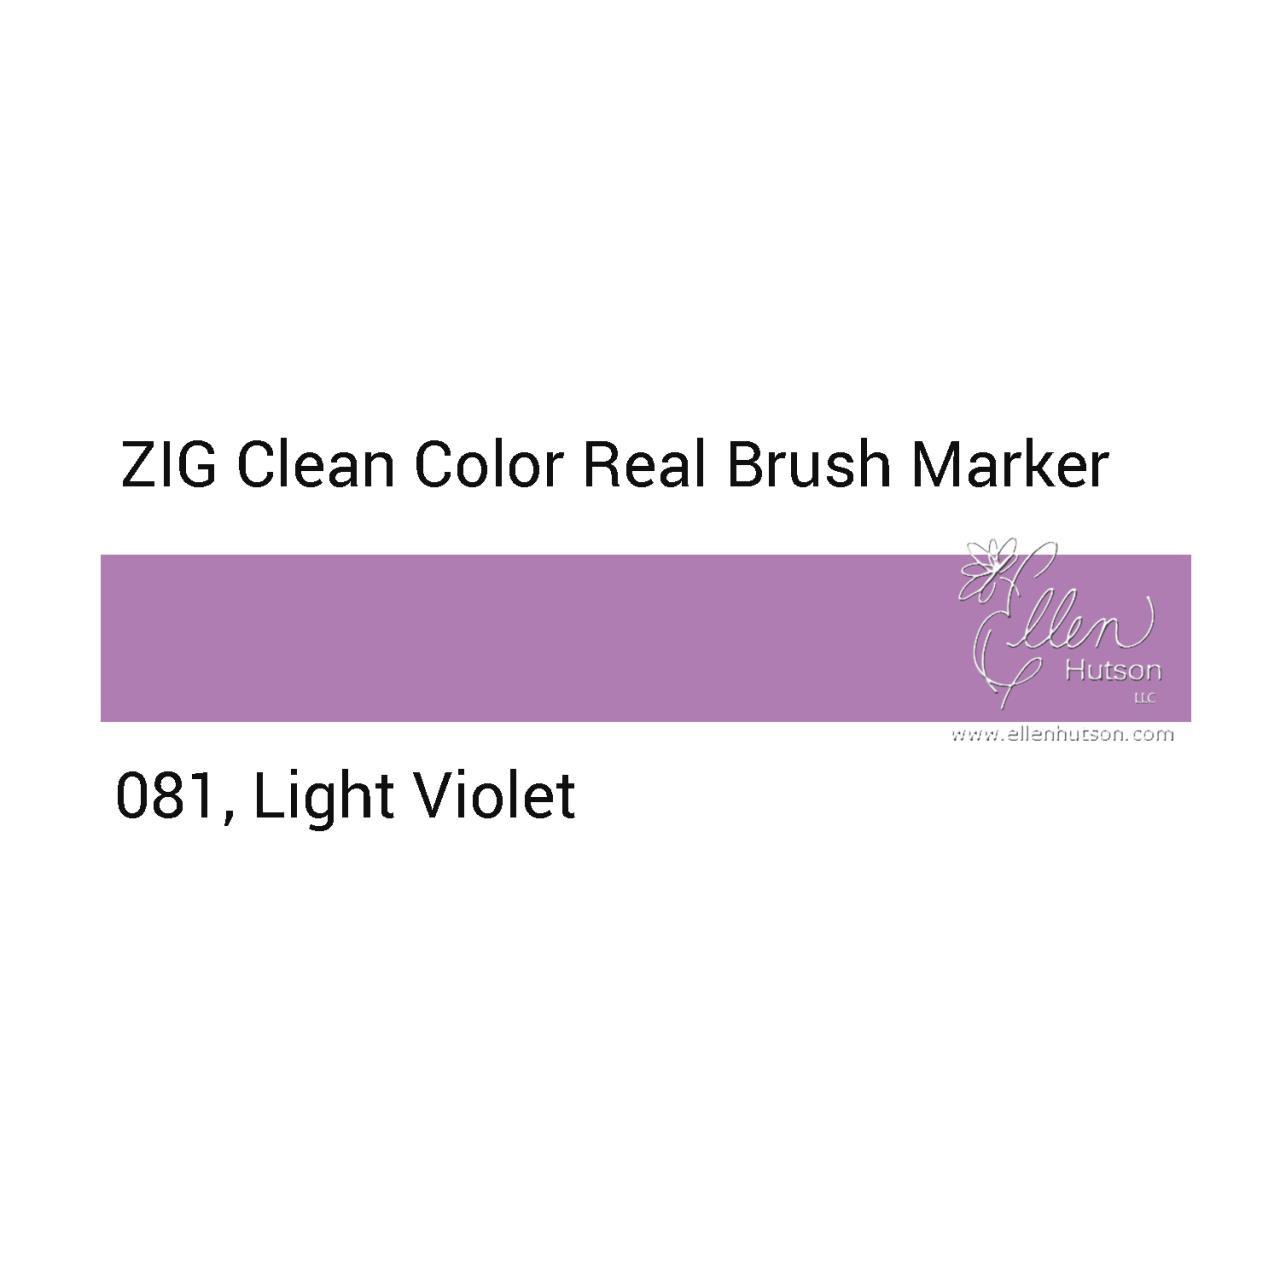 081 - Light Violet, ZIG Clean Color Real Brush Marker -